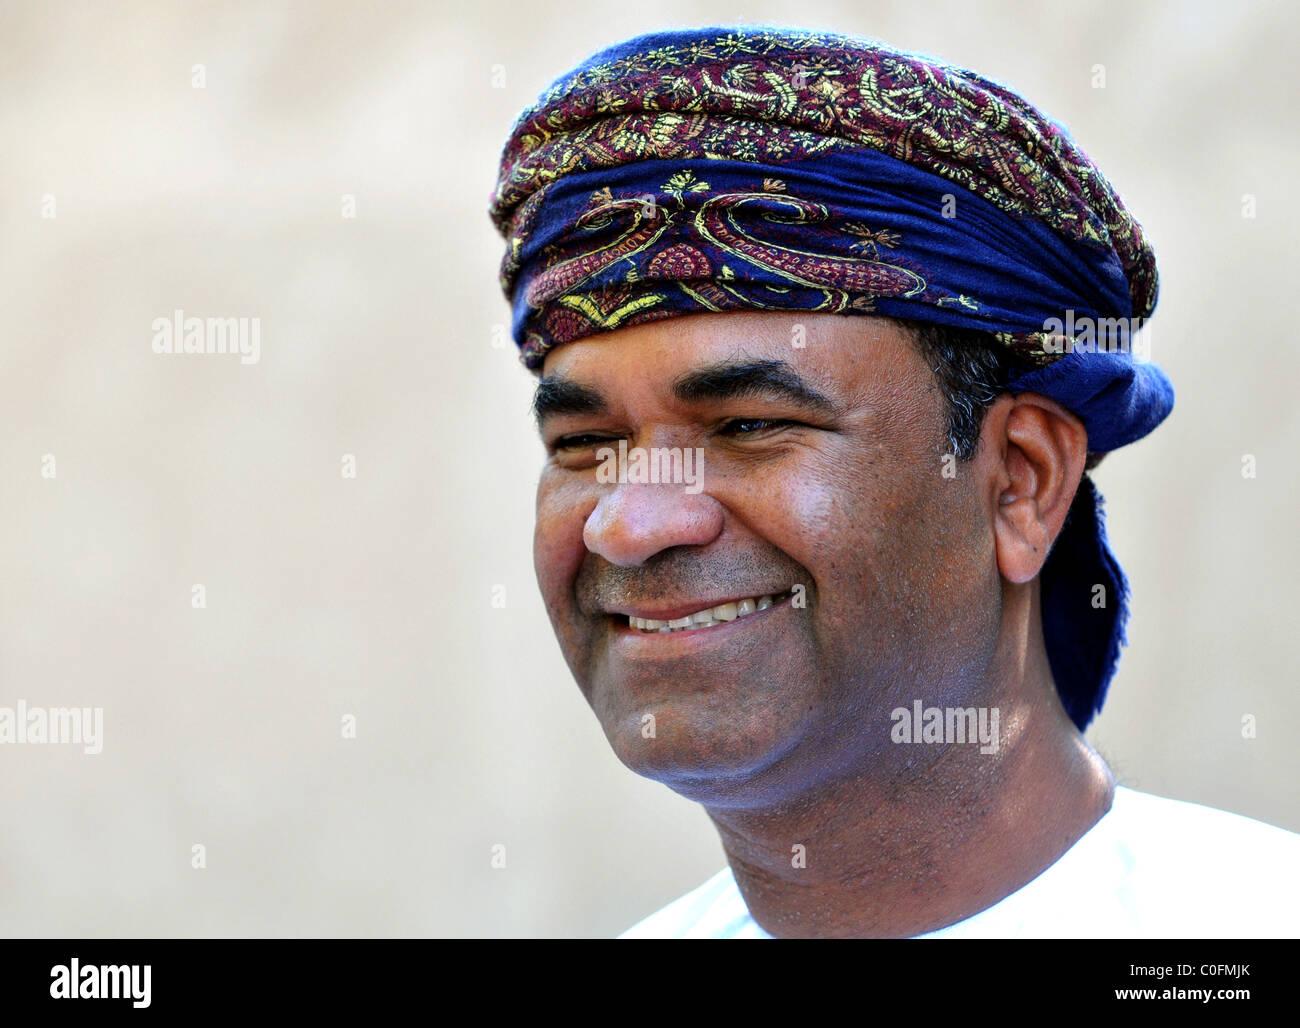 Hombre local. La Sultanía de Omán. Imagen De Stock